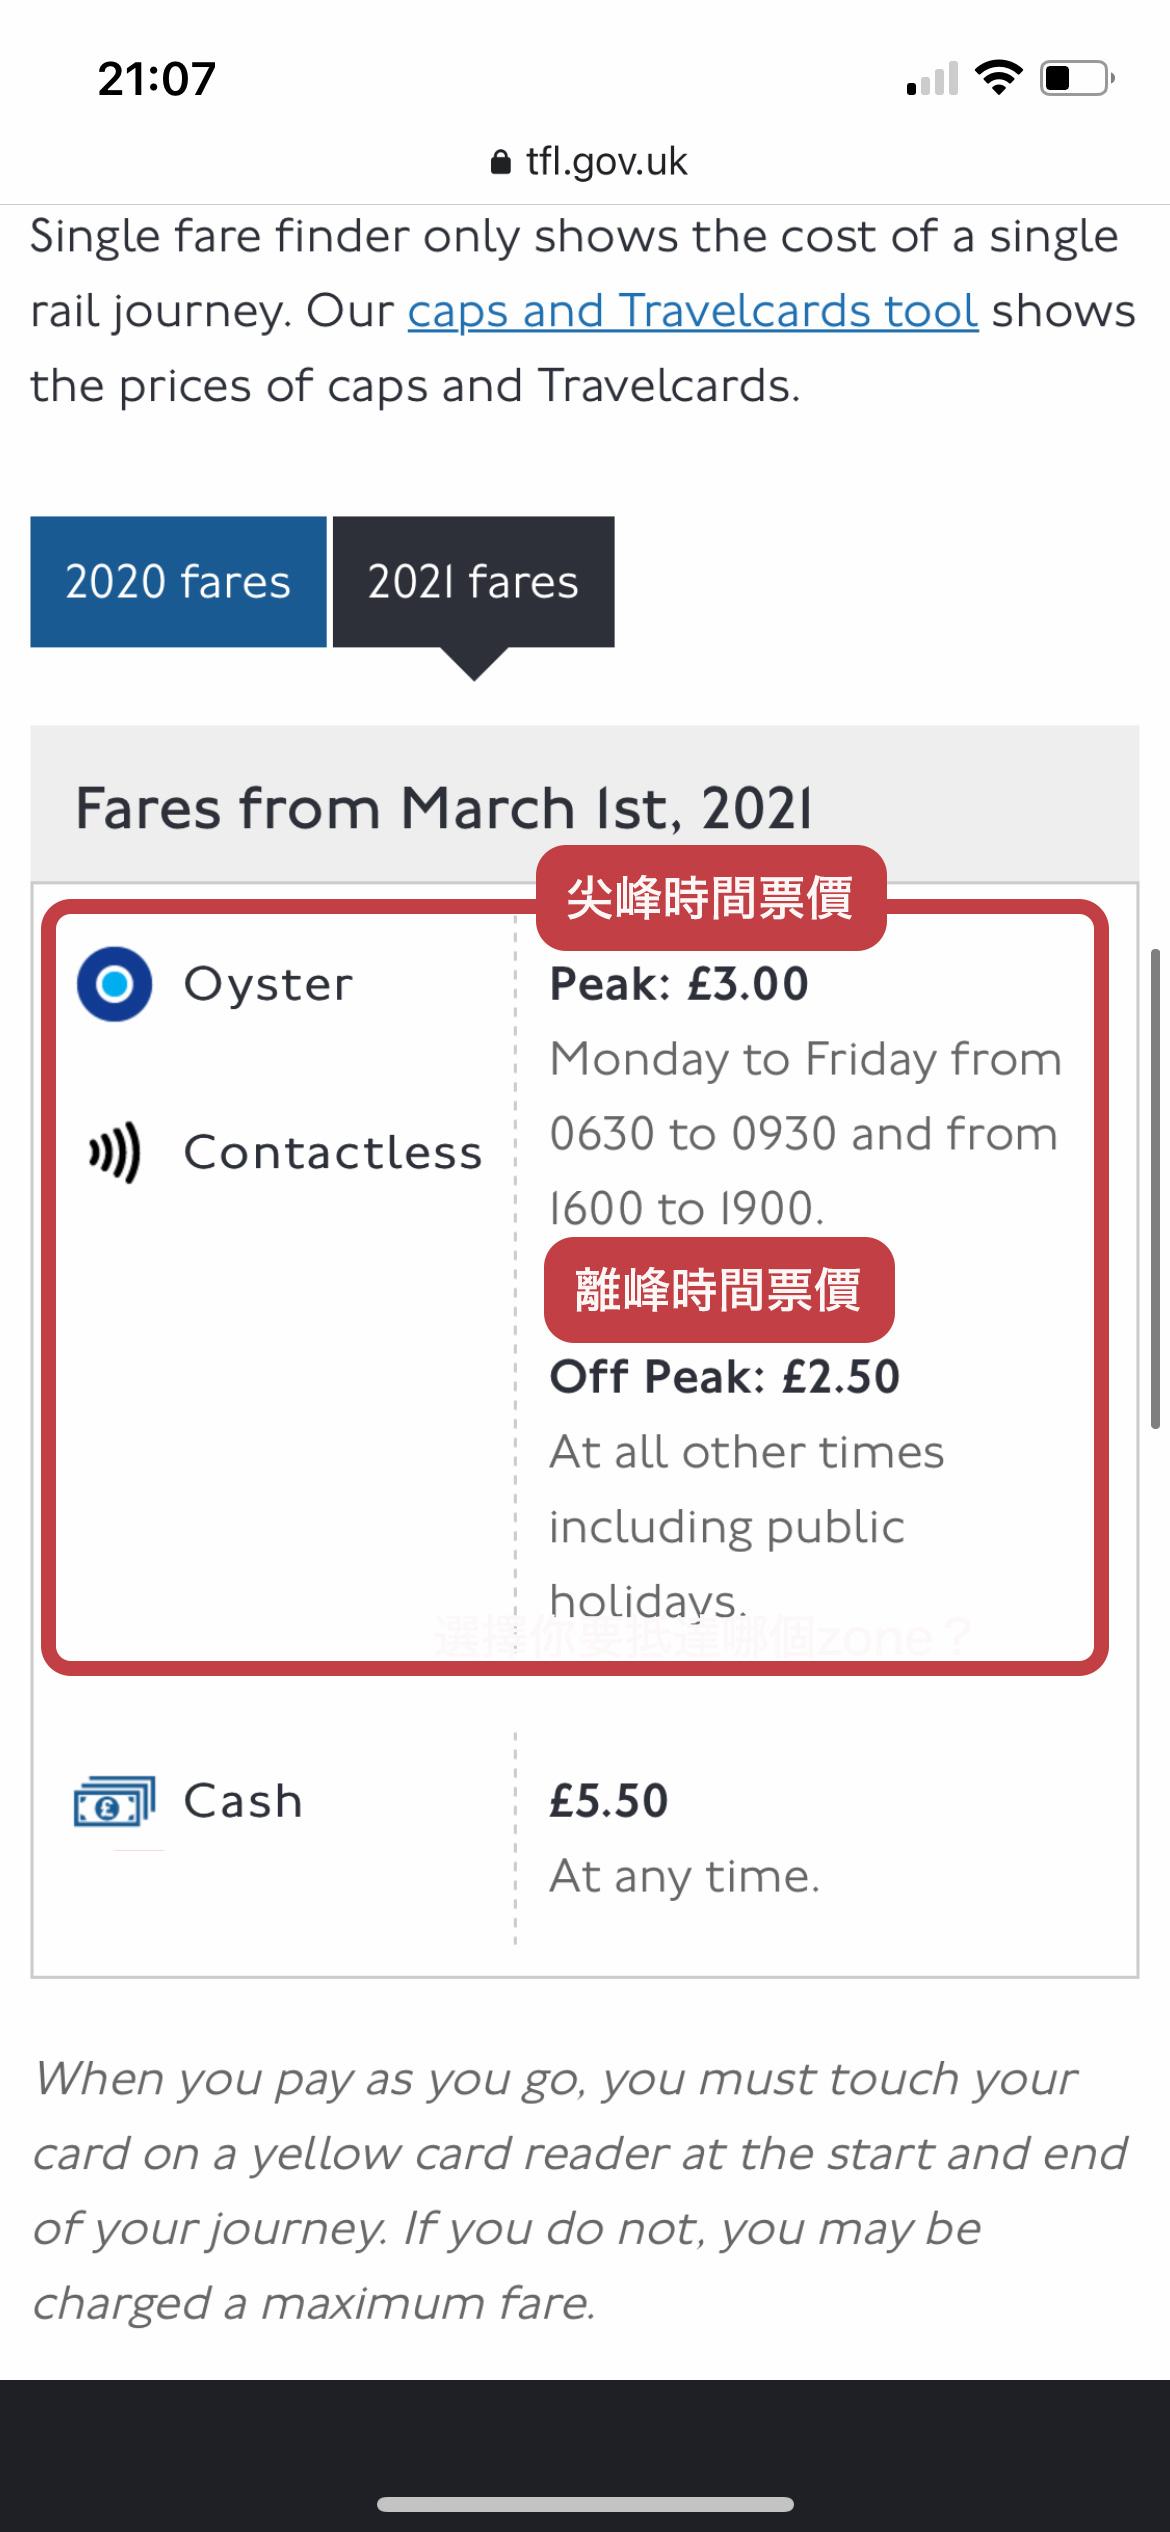 倫敦地鐵 怎麼搭?查詢票價教學-《倫敦交通局》單程費用查詢,顯示尖峰離峰時間票價